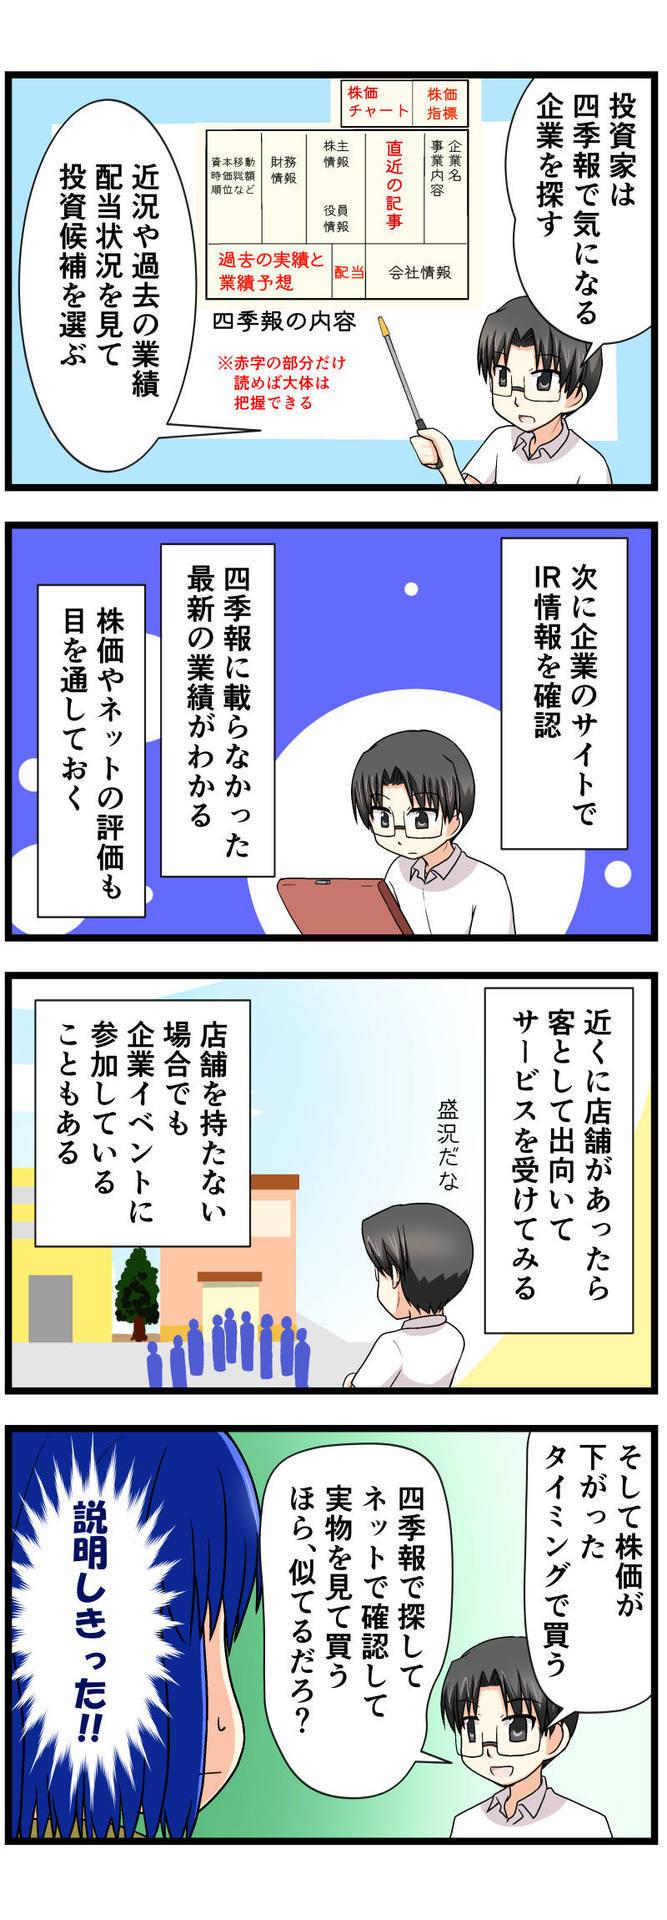 萌える株セミナー42.jpg